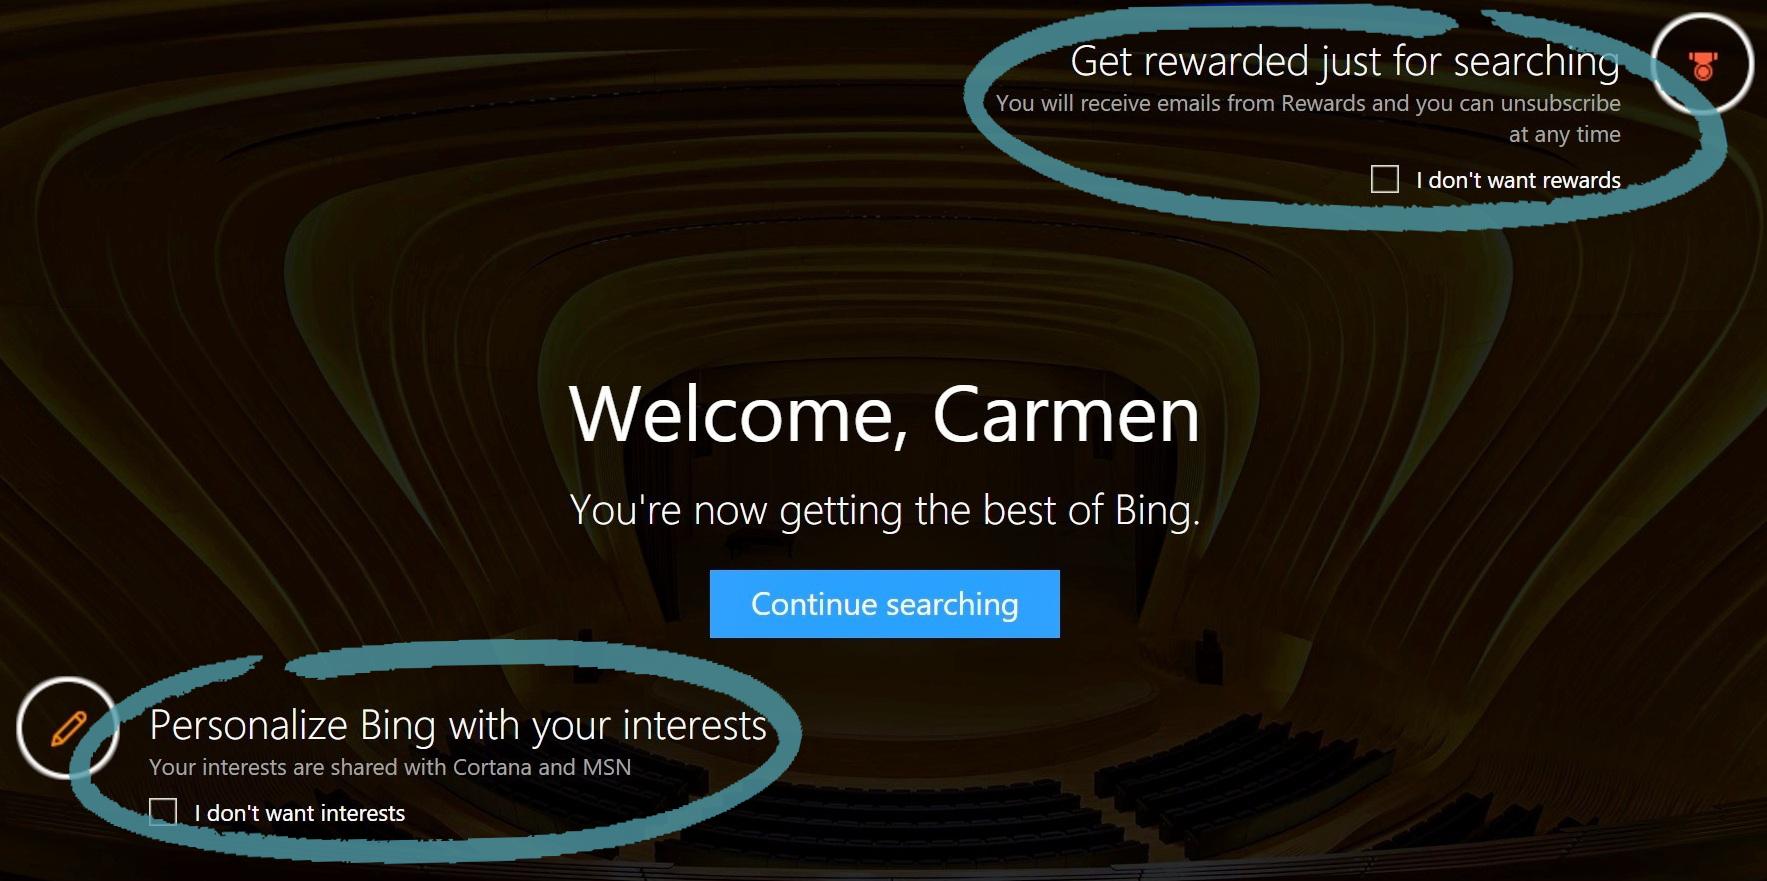 Home page di Bing con le opzioni per iscriversi agli interessi e a Bing Rewards